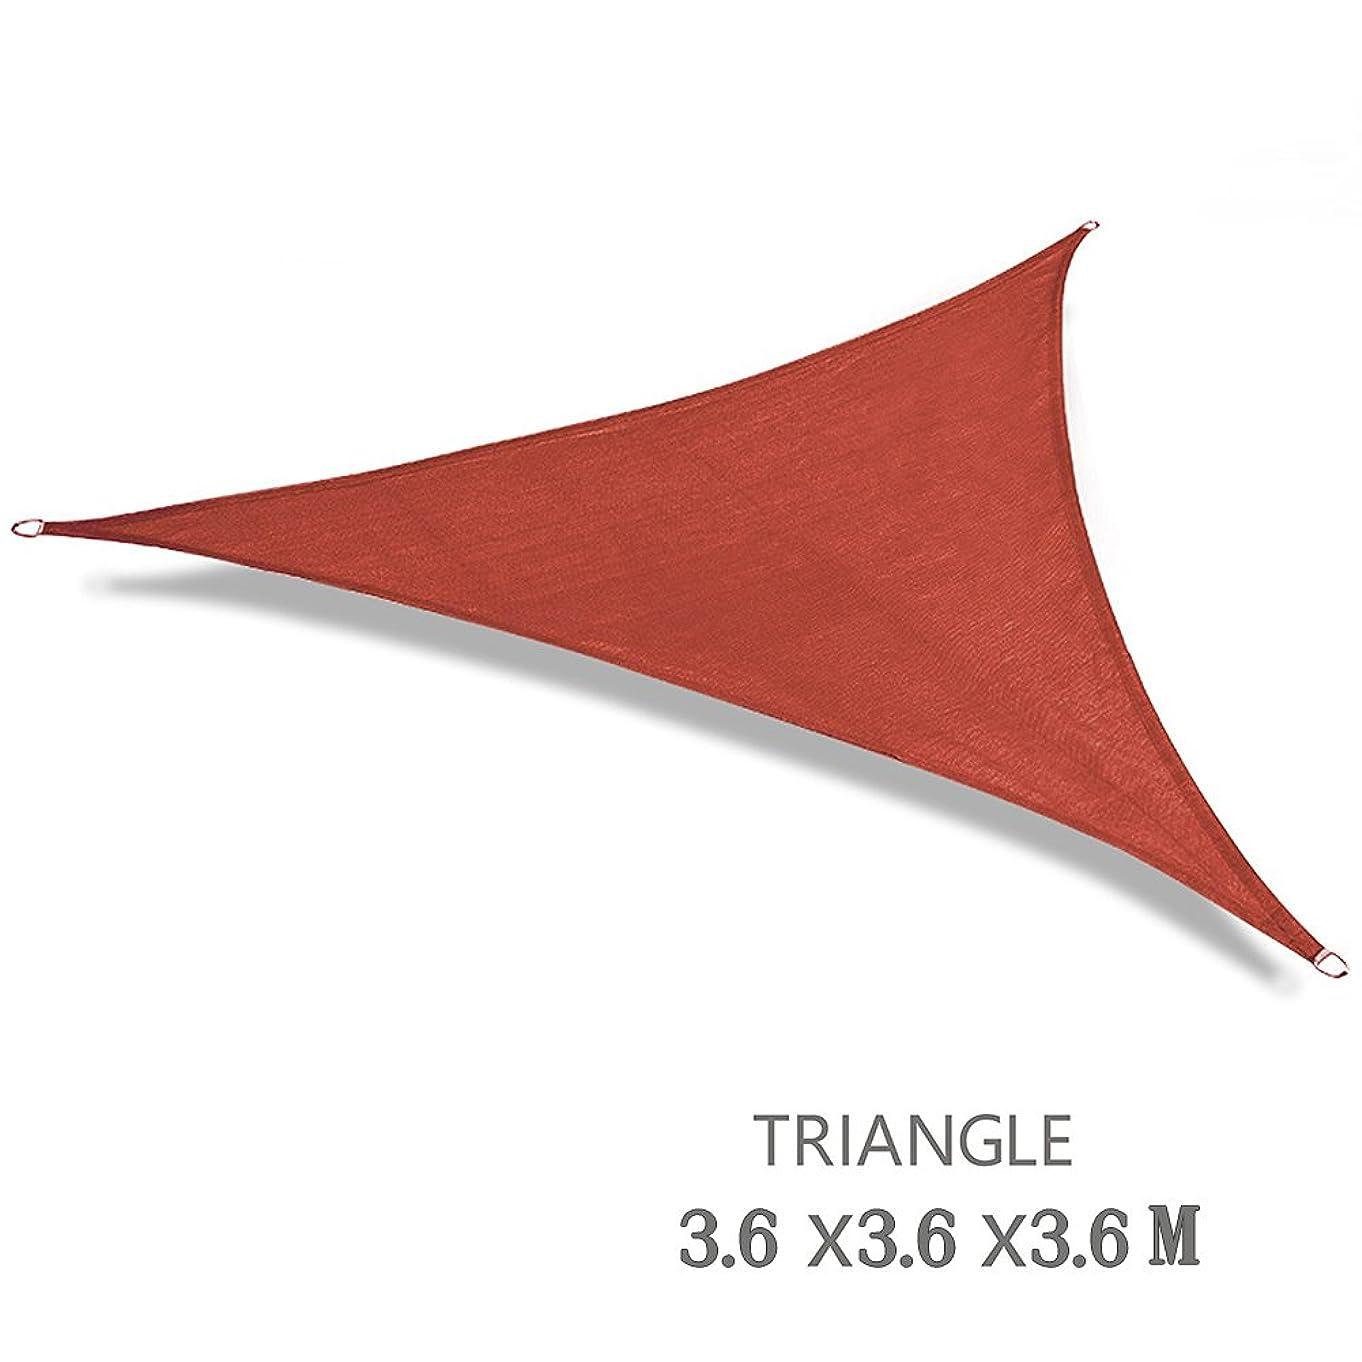 指令チューリップ軽くSUSUQI 涼風シェード シェード 日除け オーニング 紫外線98% カット UVカット セイル つっぱり式 サンシェード 撥水 目隠し 雨よけ 庭·テラス·バルコニー用 size 12*12*12ft-Triangle (Red)